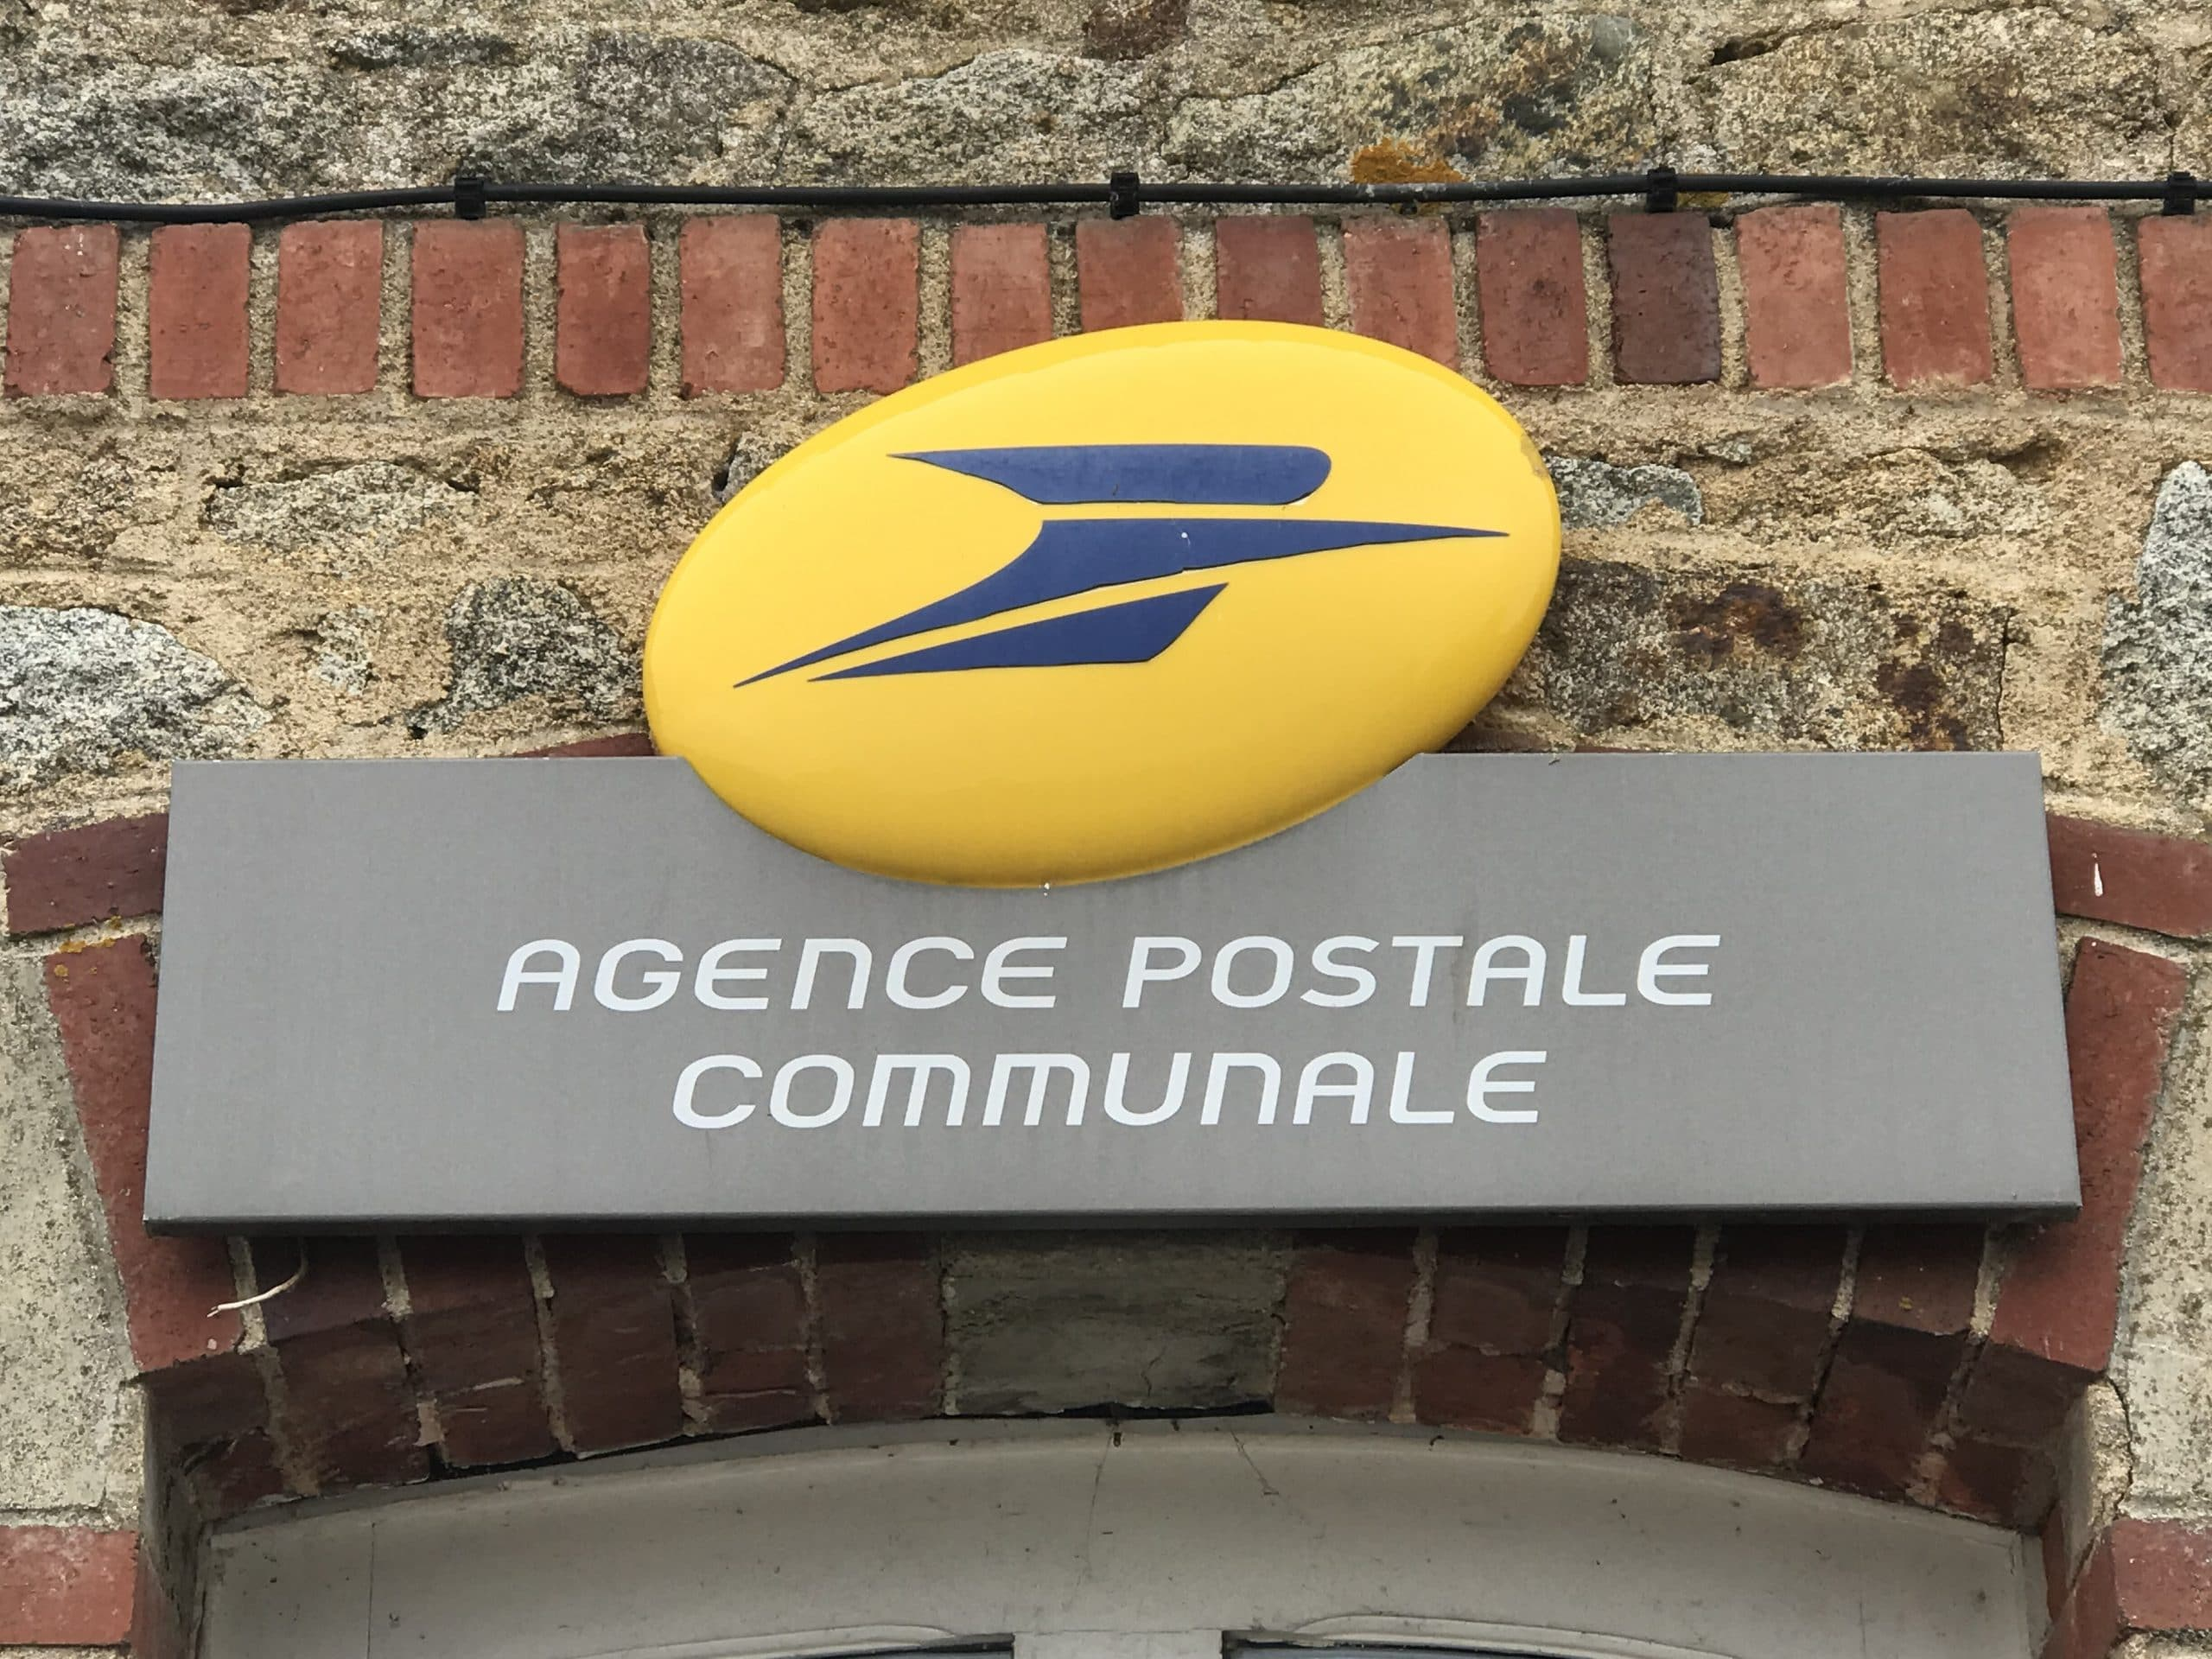 FERMETURE POUR CONGES DE L'AGENCE POSTALE COMMUNALE